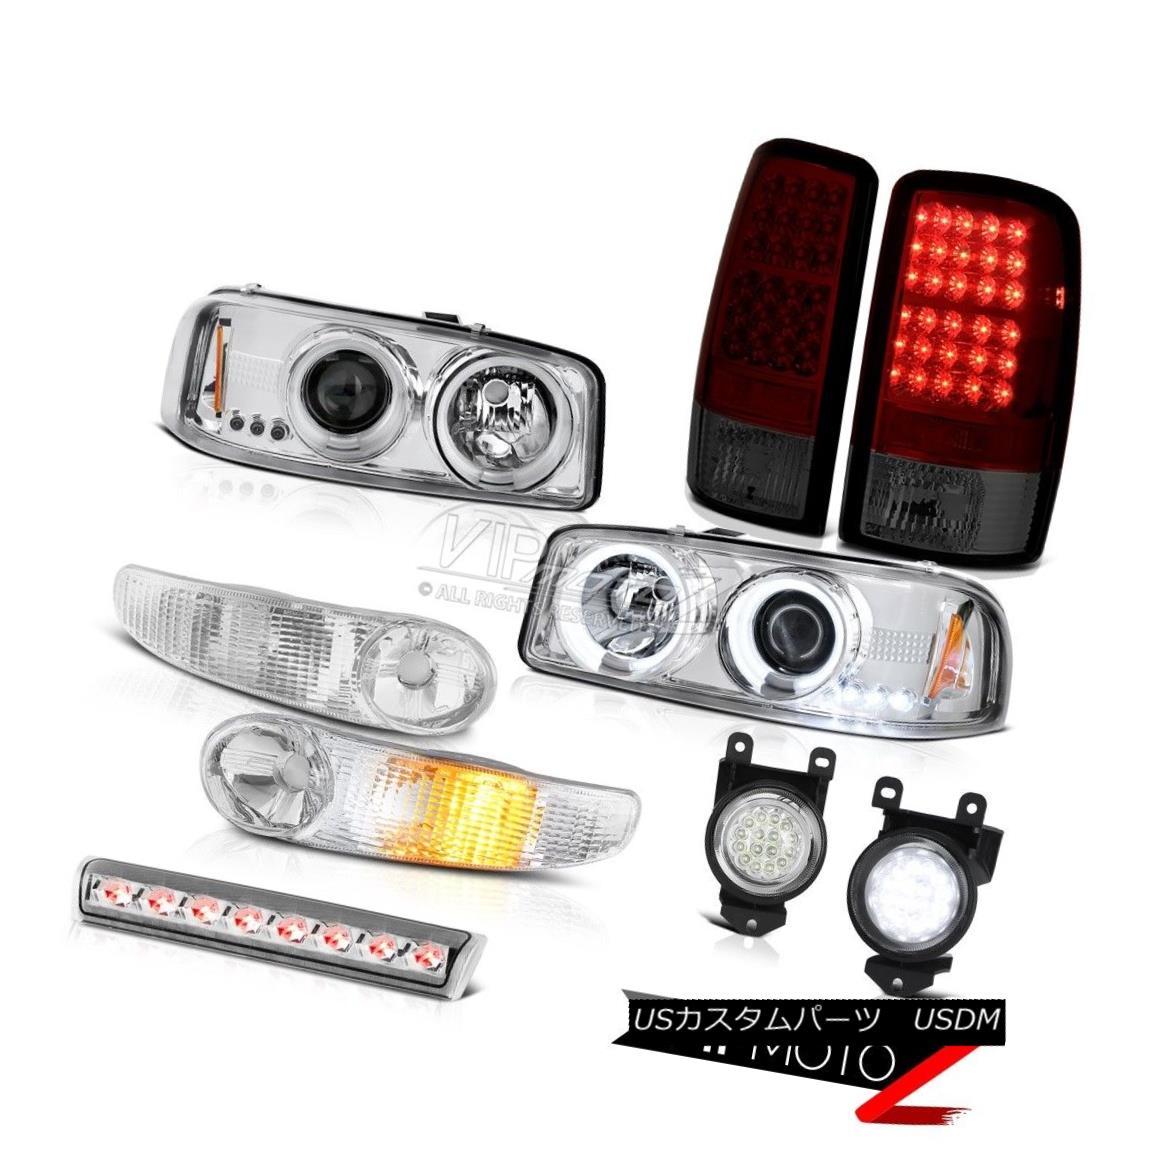 ヘッドライト CCFL Headlight Signal Red LED Brake Lights FogLamps Roof Chrome 2001-2006 Yukon CCFLヘッドライト信号レッドLEDブレーキライトFogLamps Roof Chrome 2001-2006ユーコン